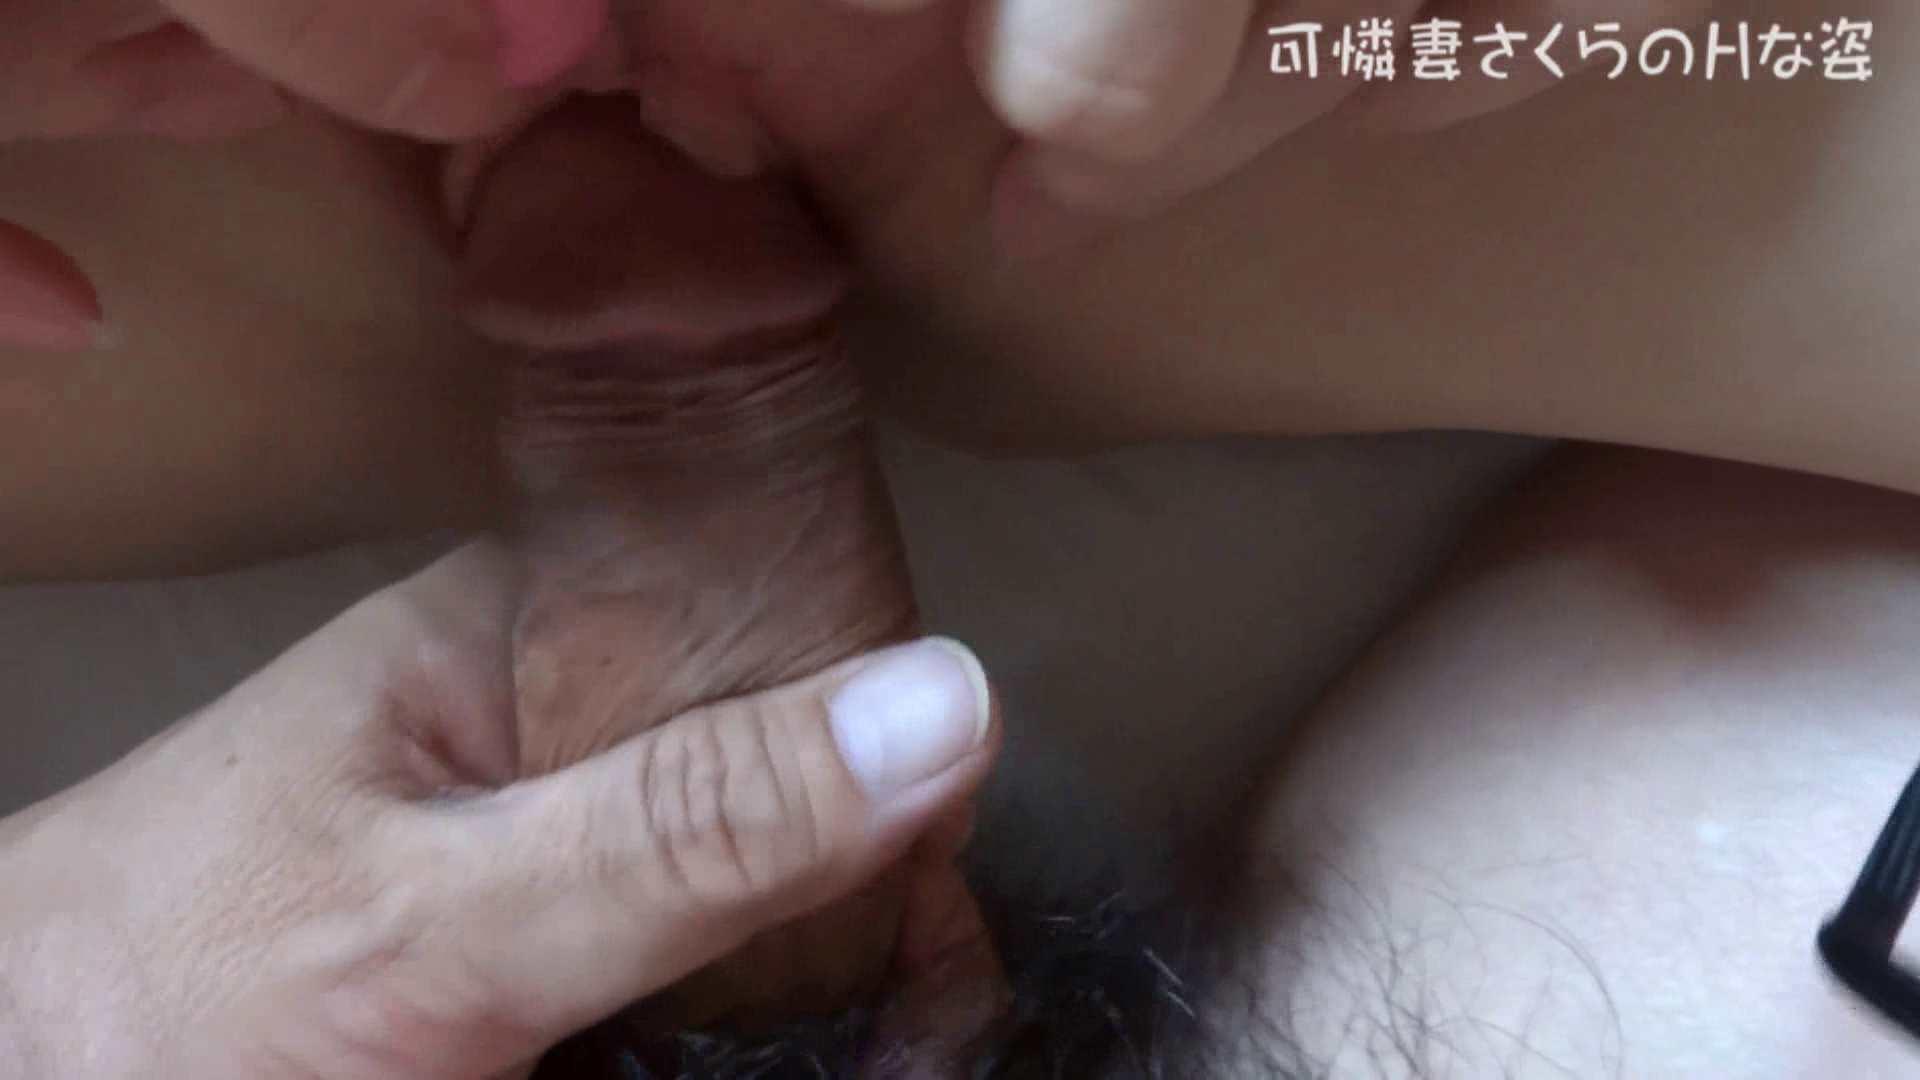 可憐妻さくらのHな姿vol.18 ローター | OL裸体  94画像 47